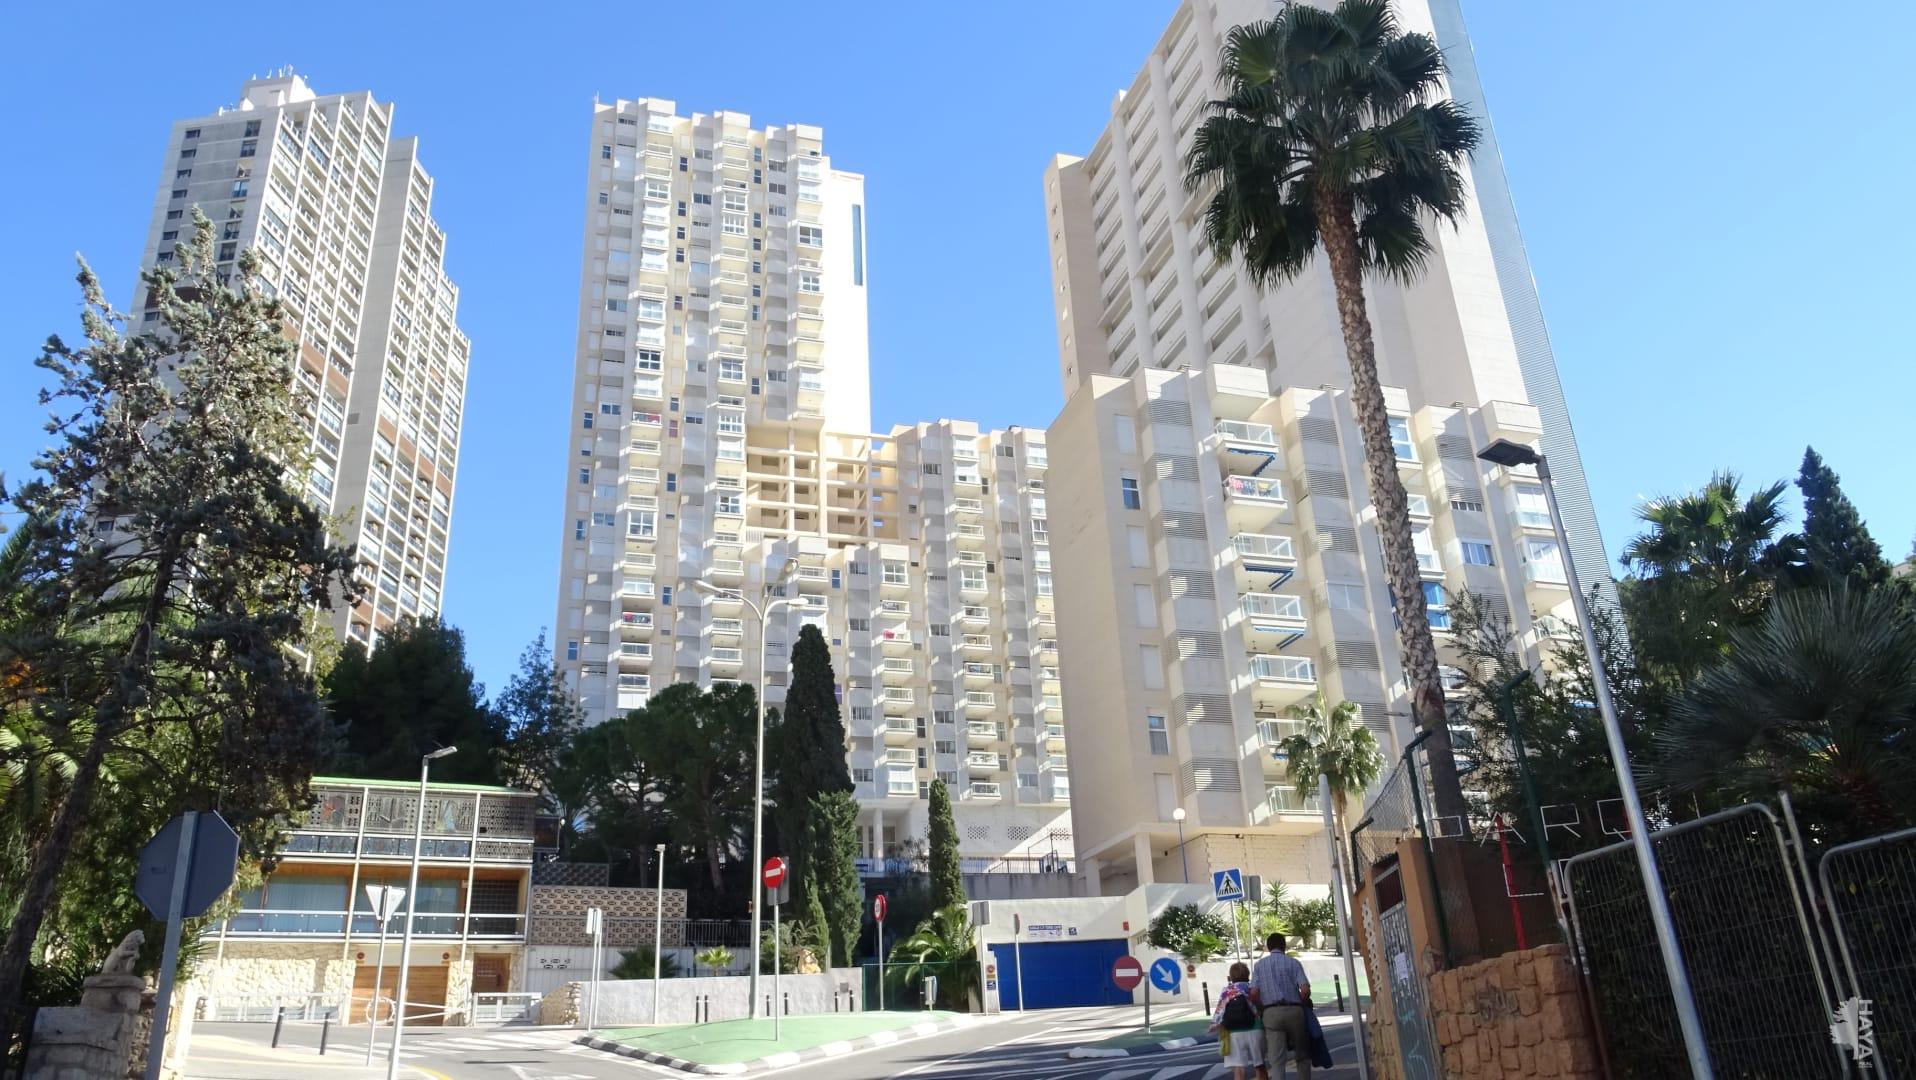 Piso en venta en Benidorm, Alicante, Calle Sierra Dorada, 147.720 €, 1 habitación, 1 baño, 60 m2